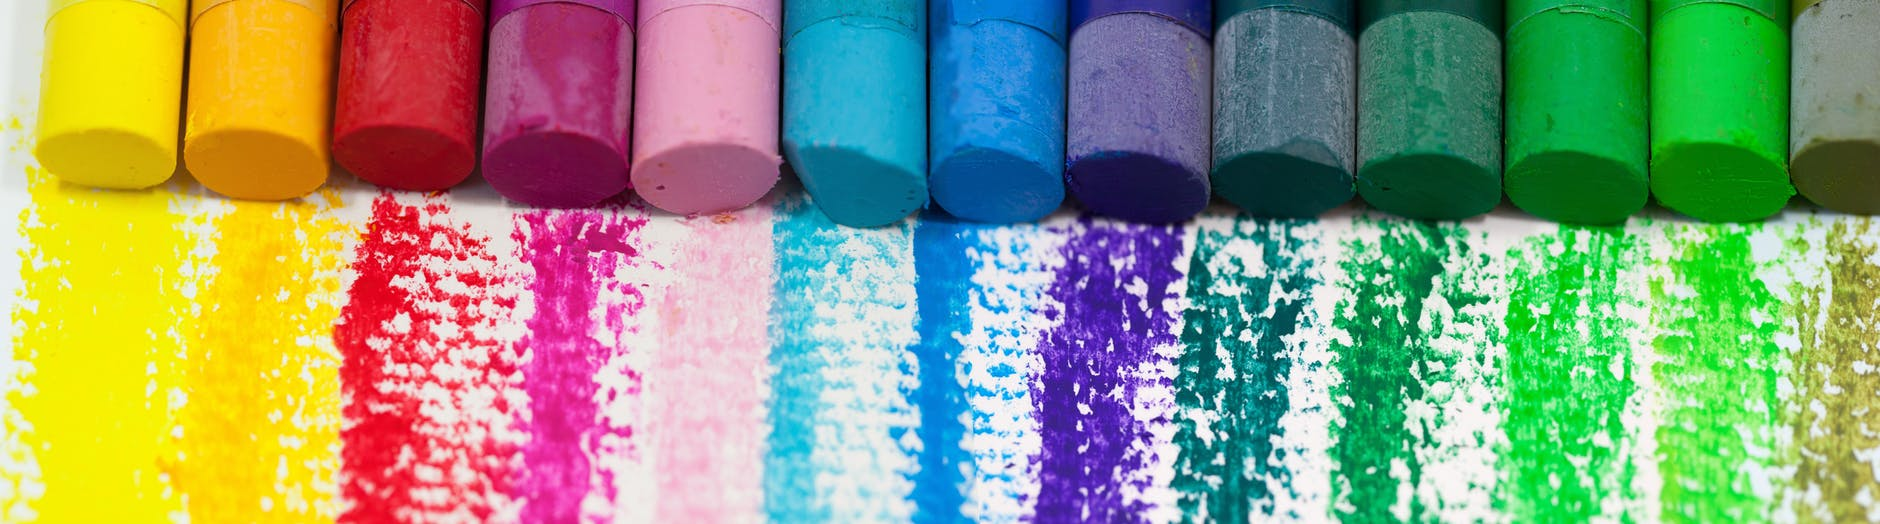 Glada färger på designen